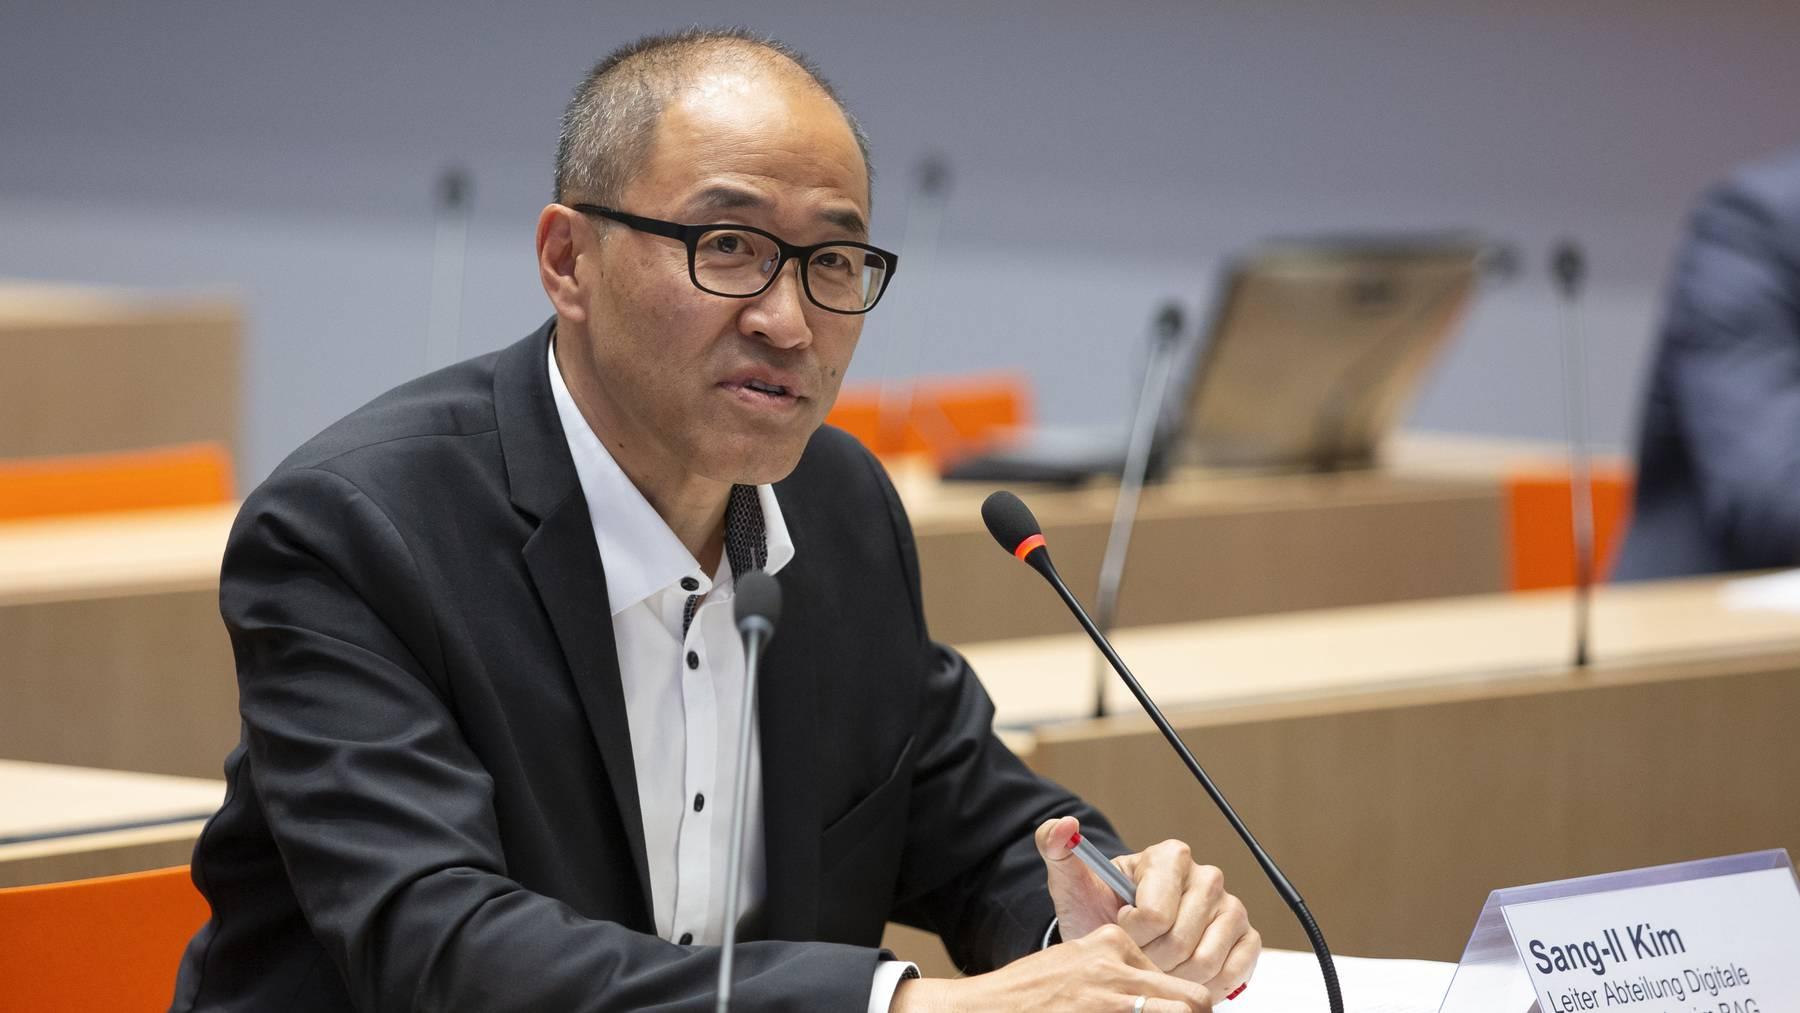 Sang-Il Kim ist der Leiter der Abteilung für Digitale Transformation beim Bundesamt für Gesundheit.